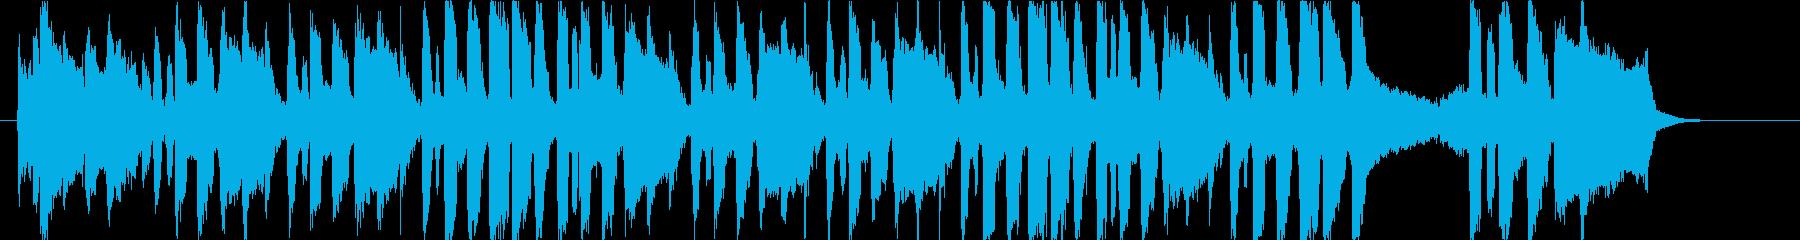 誕生日の歌(ワルツver) 【アオイ】の再生済みの波形